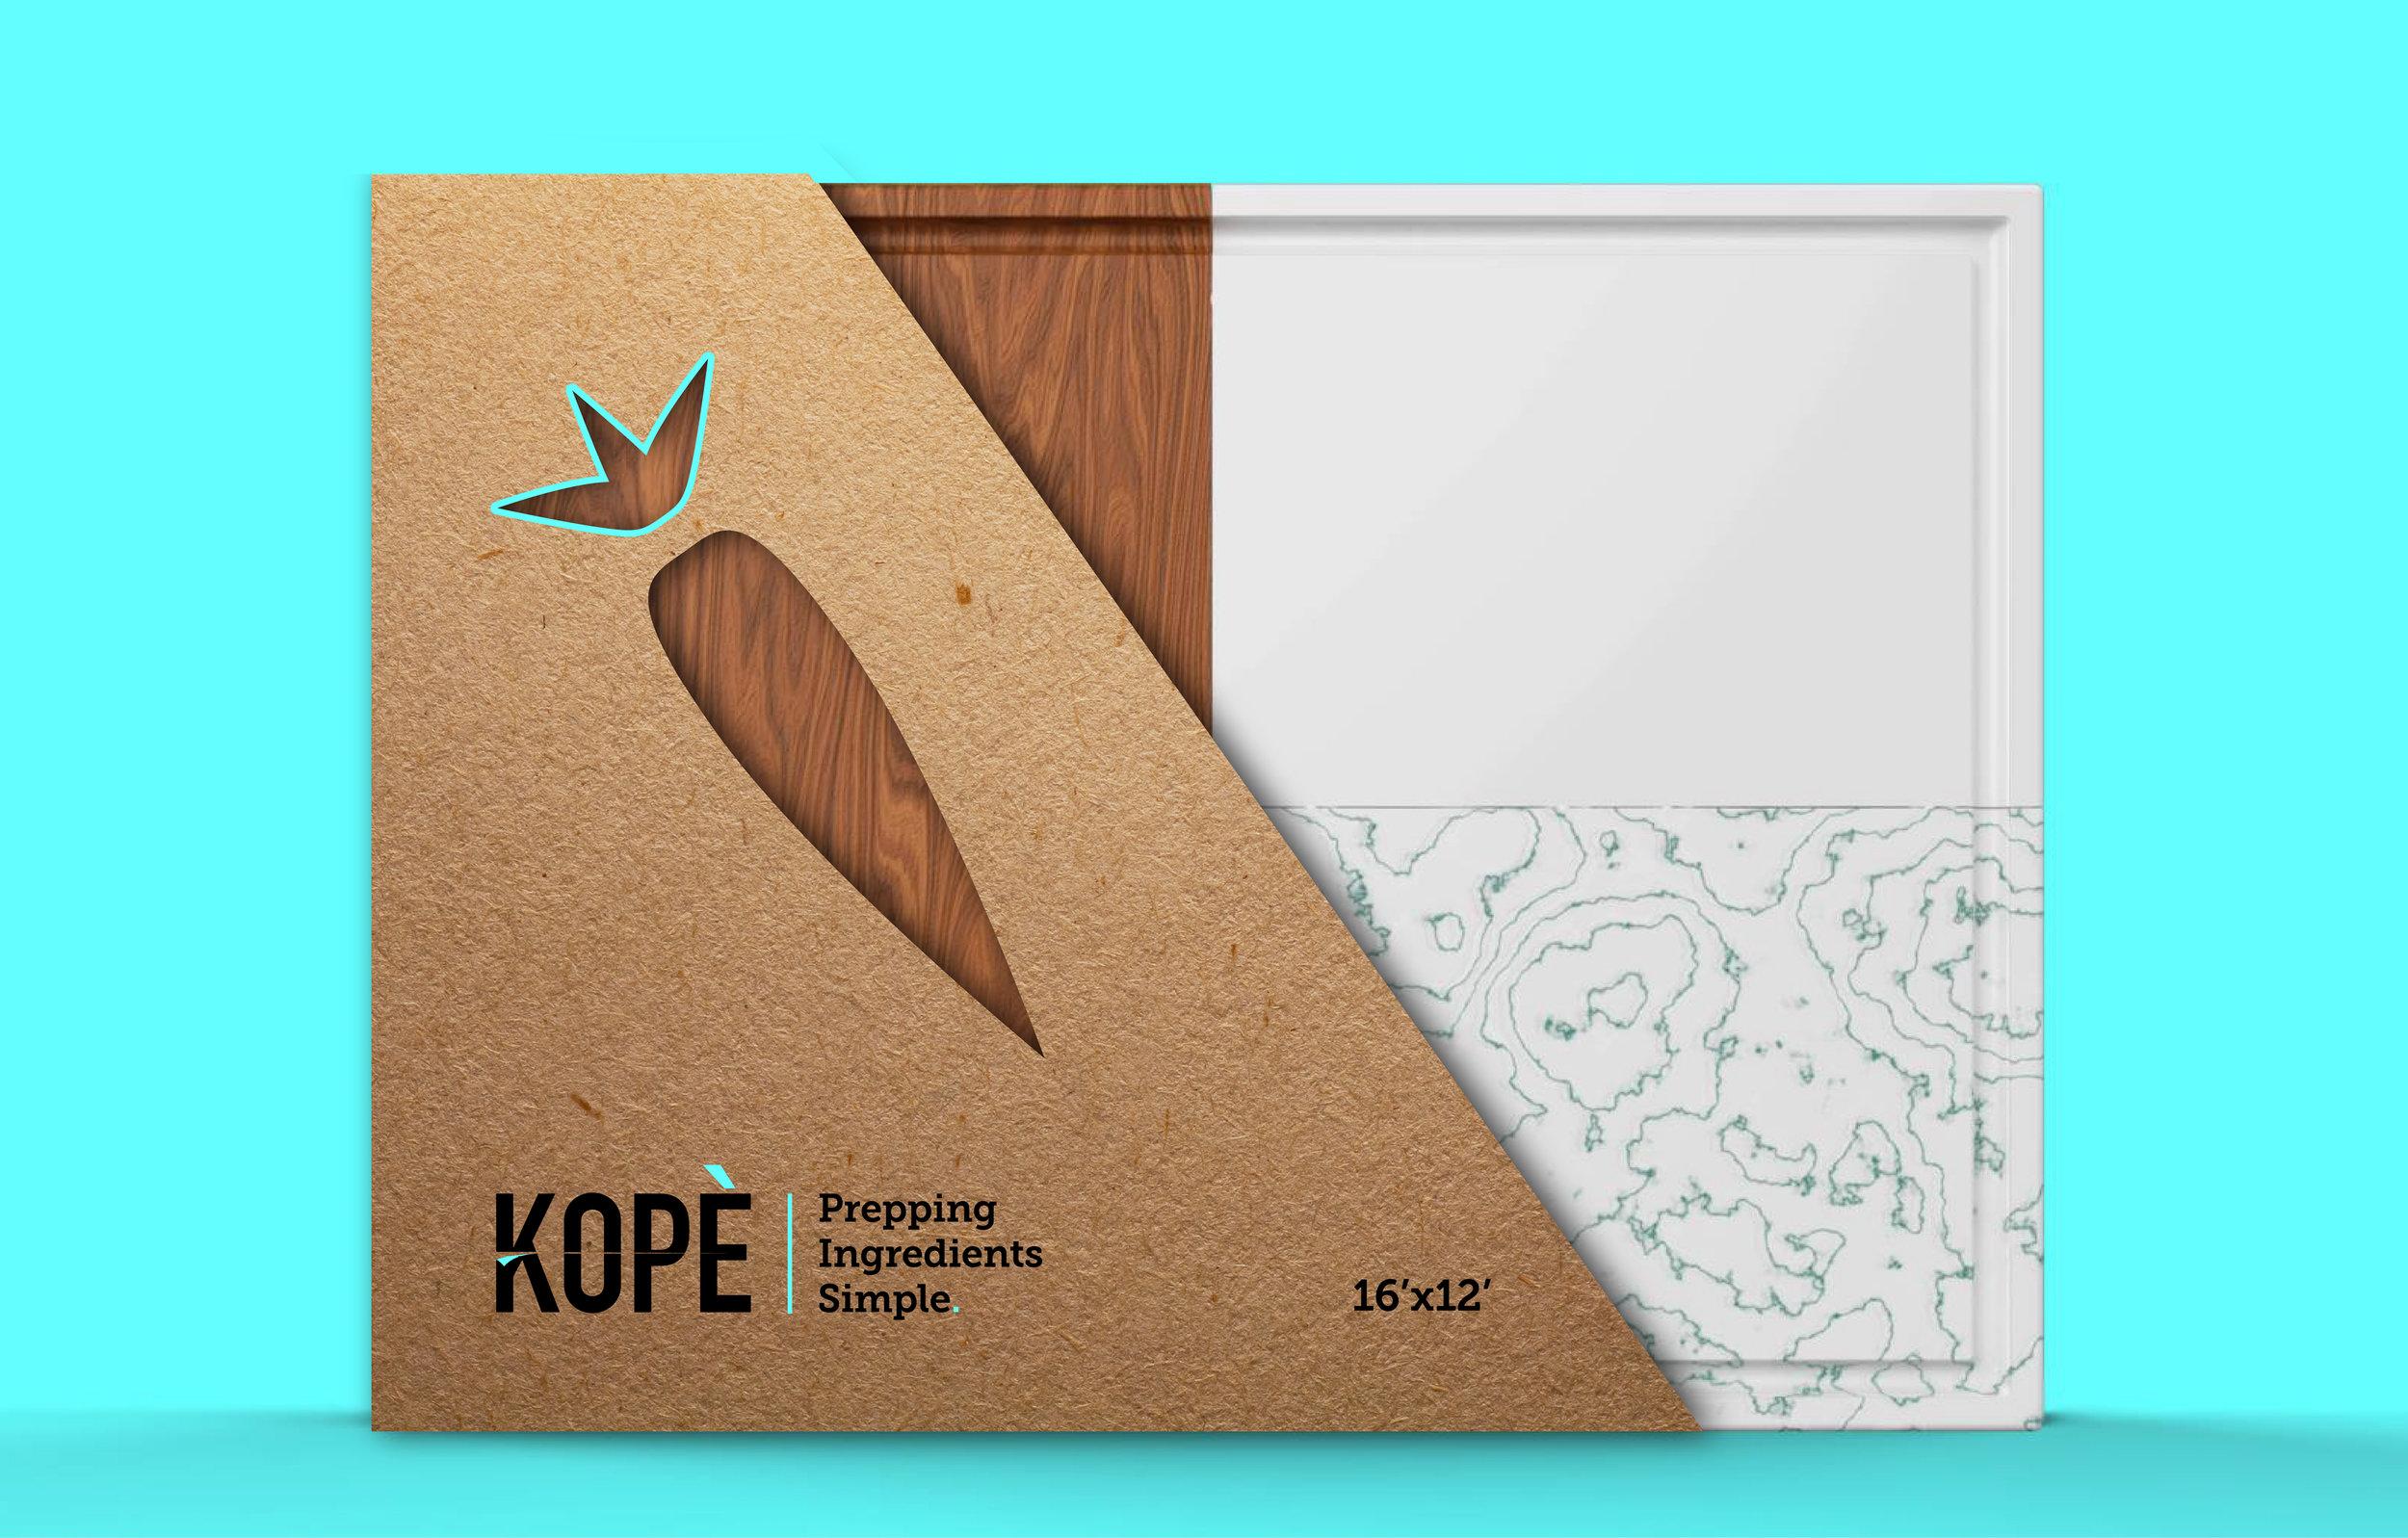 Kope_Packaging_Prez9.jpg